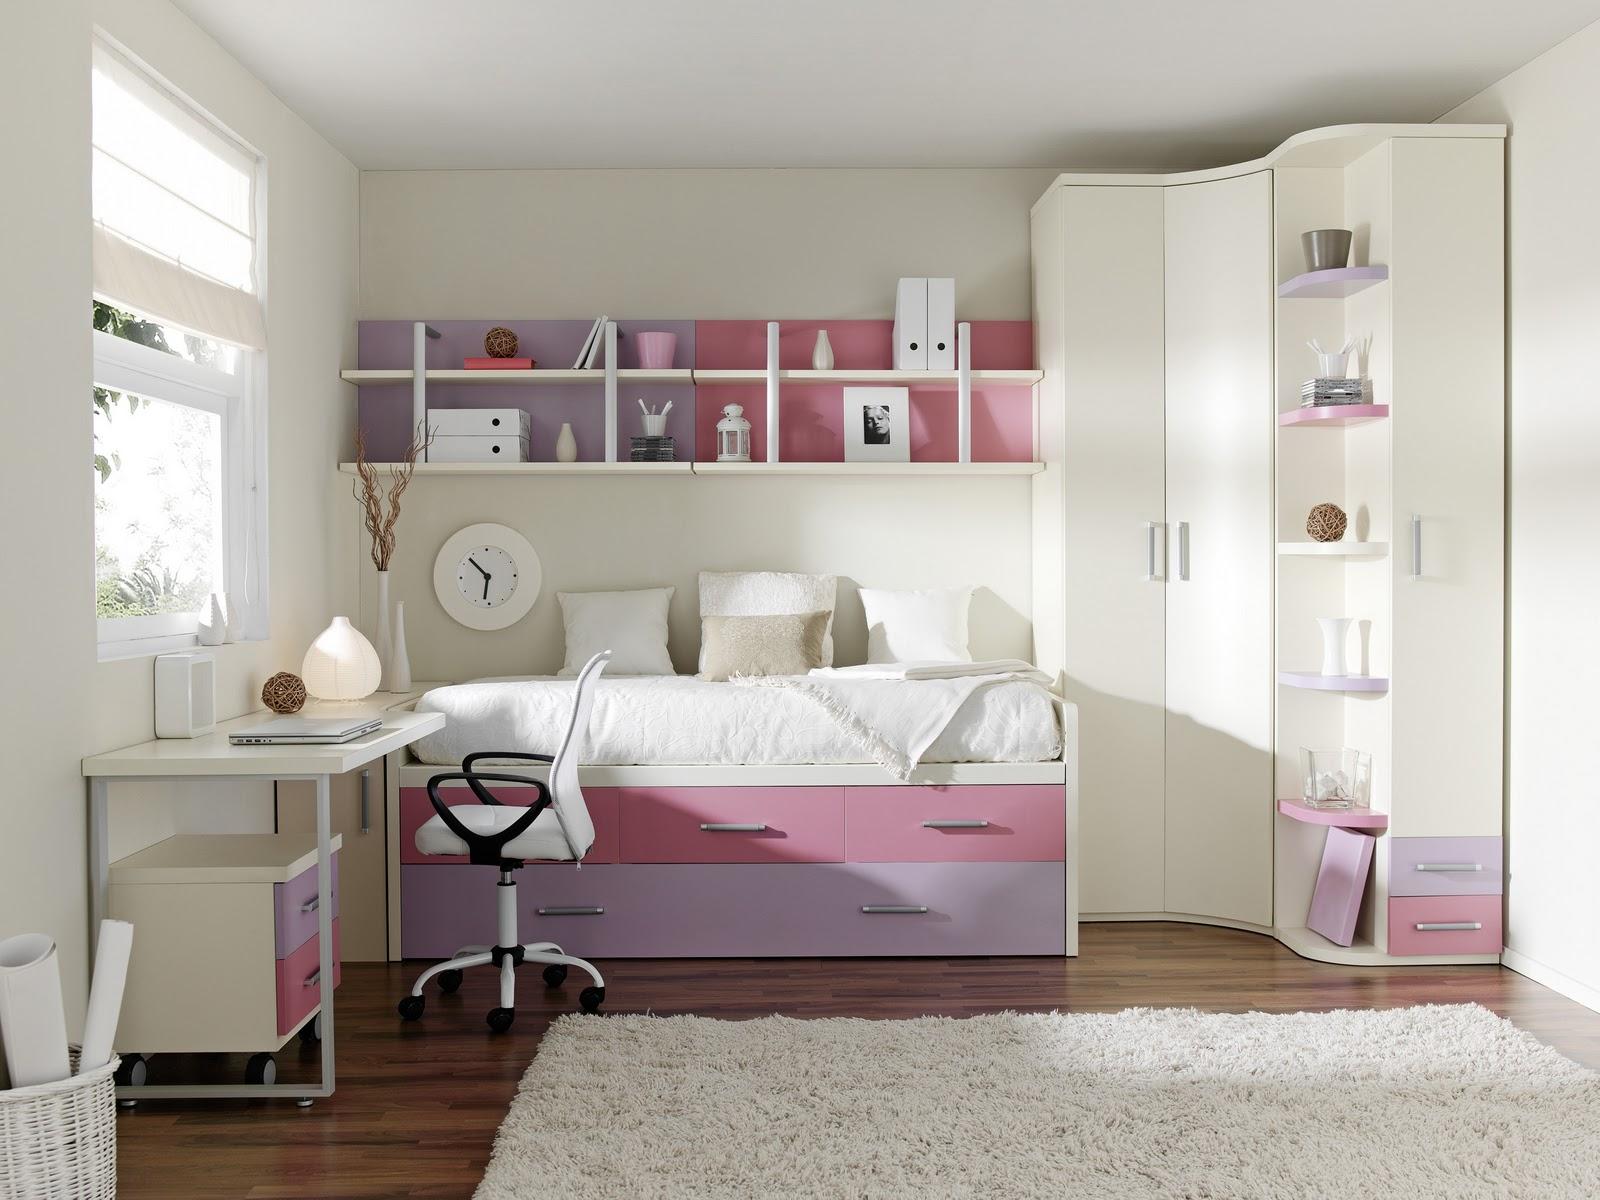 Bianchi muebles dormitorios juveniles valencia - El mueble habitaciones juveniles ...